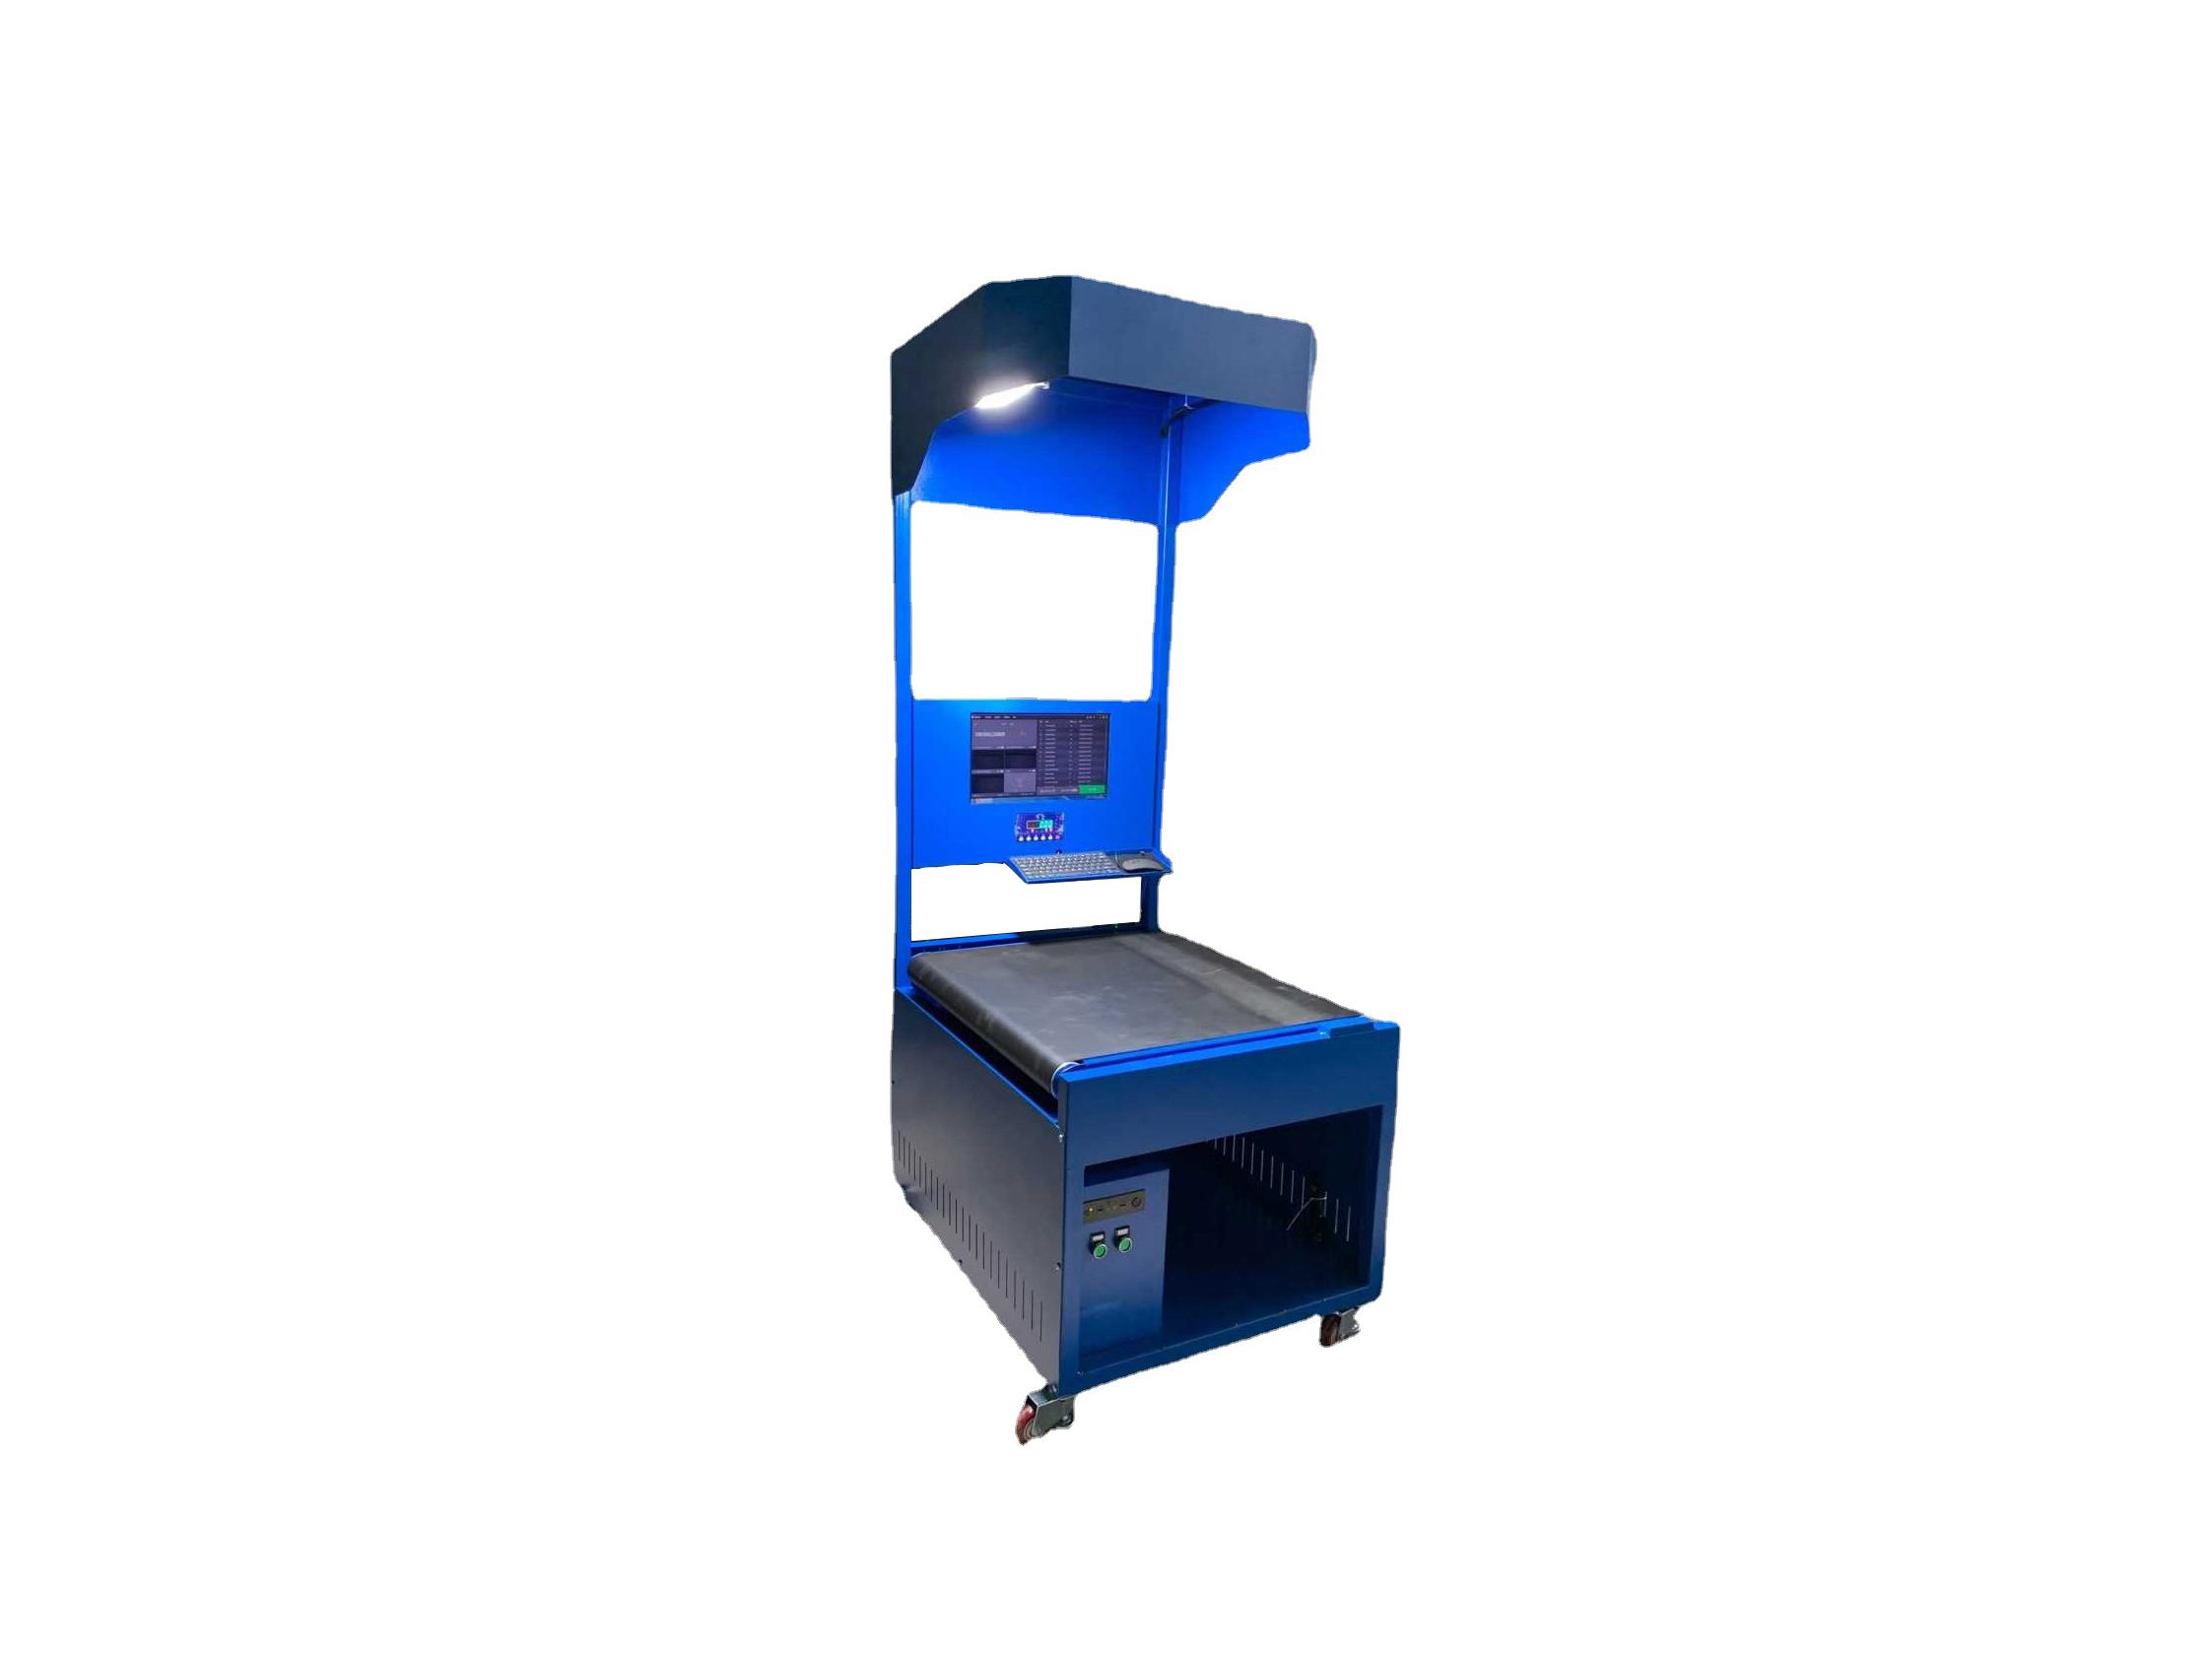 掃碼稱重一體機物流快遞電商用自動識別分揀測體積掃條碼動態稱重